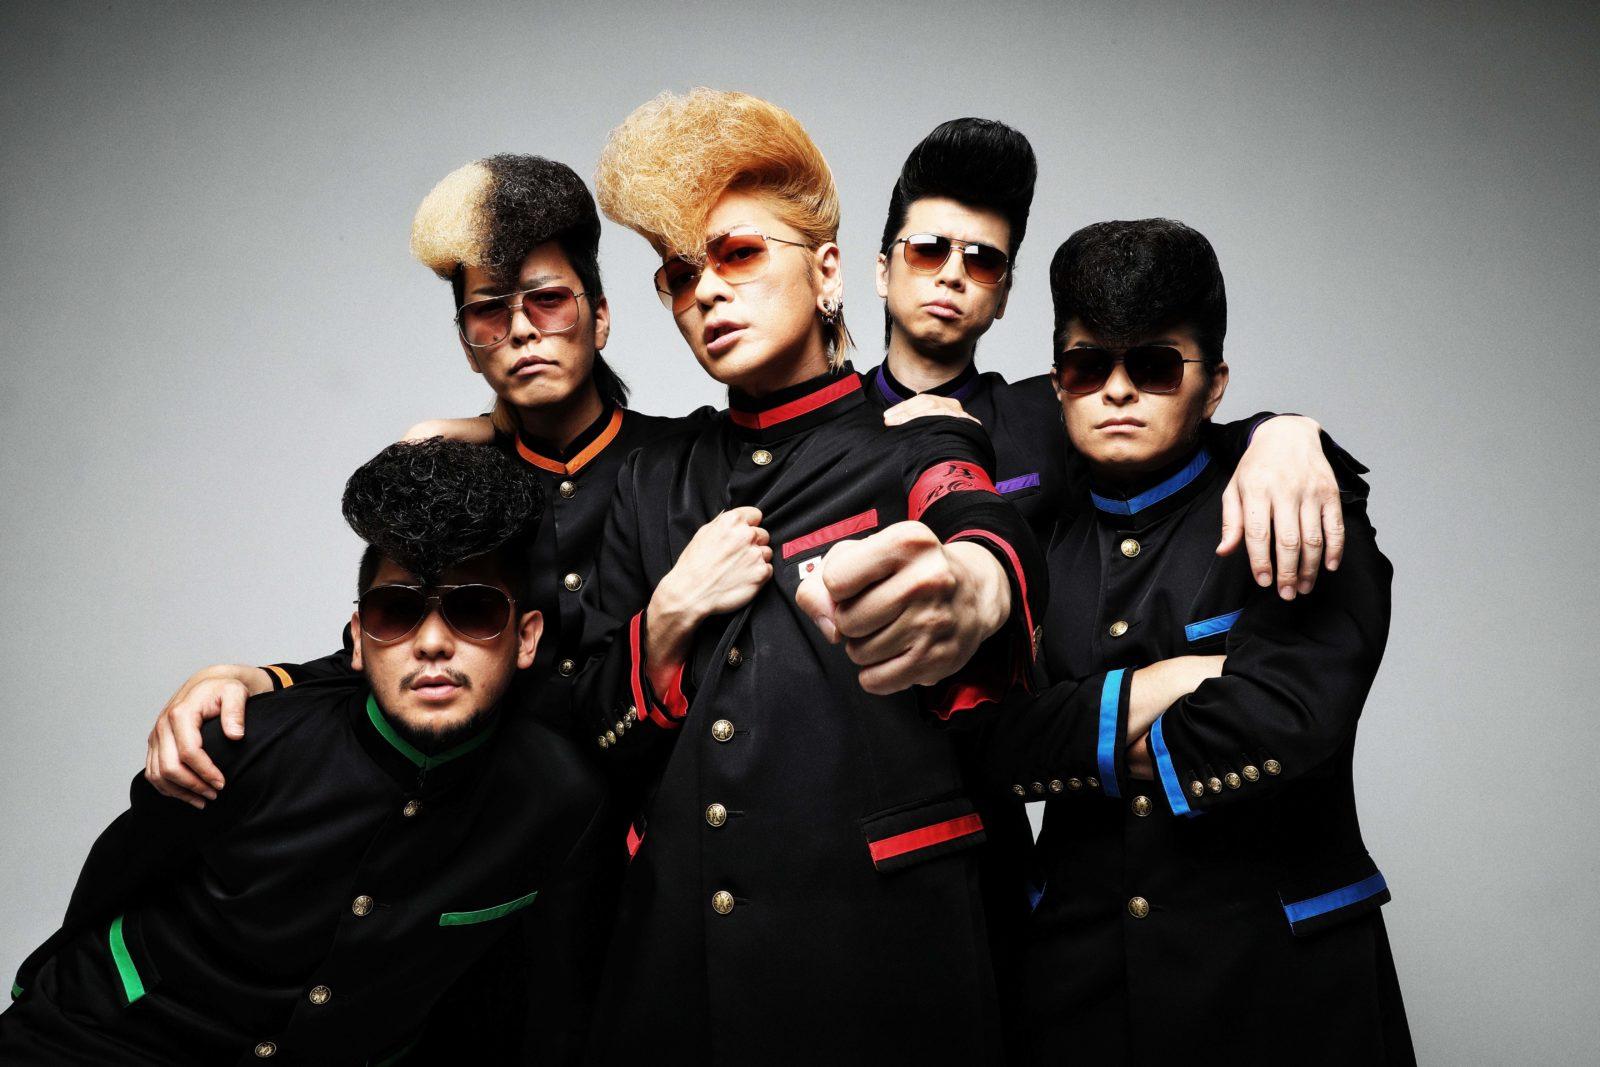 長寿番組『みなおか』終了に、氣志團・綾小路、野呂佳代ら音楽界からもコメント相次ぐサムネイル画像